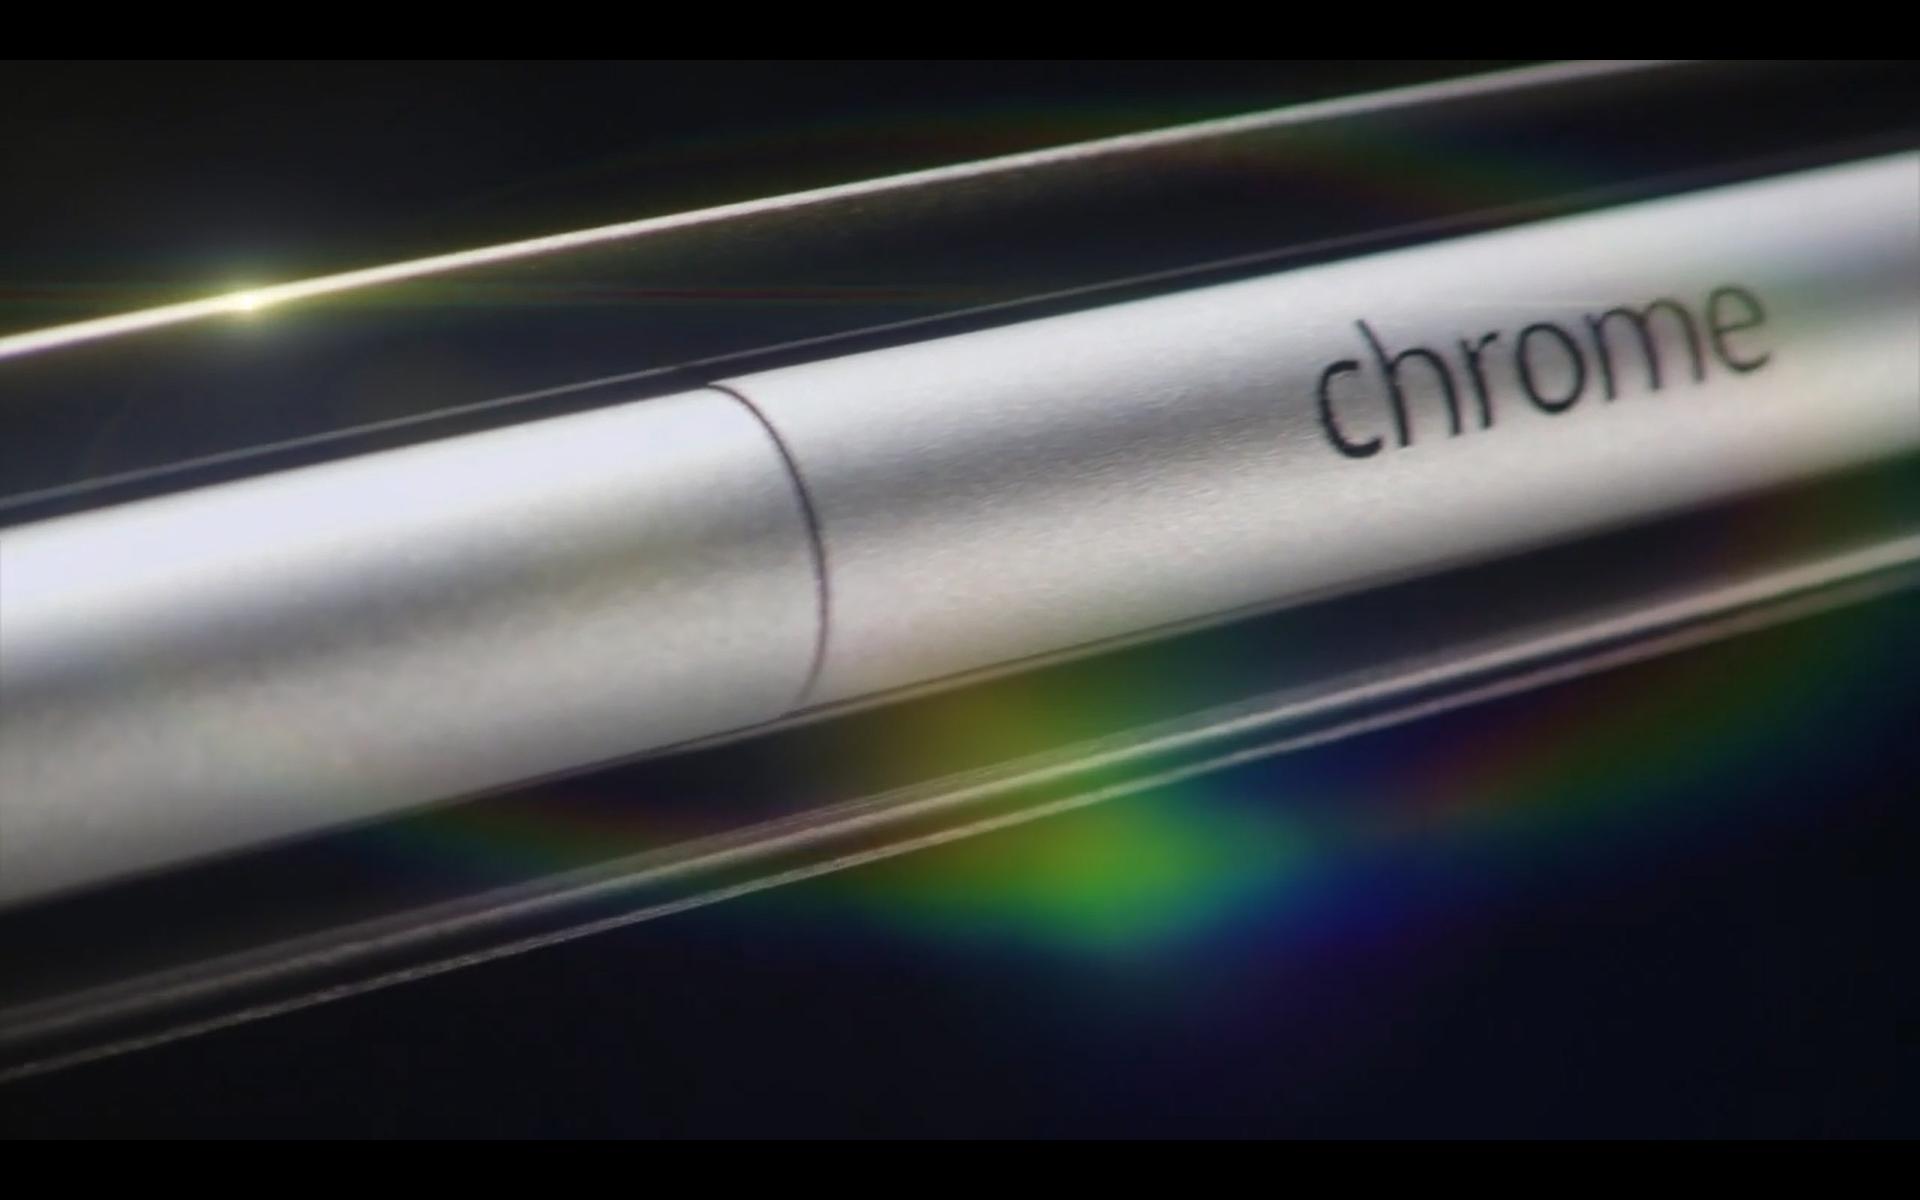 Google Chromebook Pixel: Ist das der Beweis für das Chromebook?